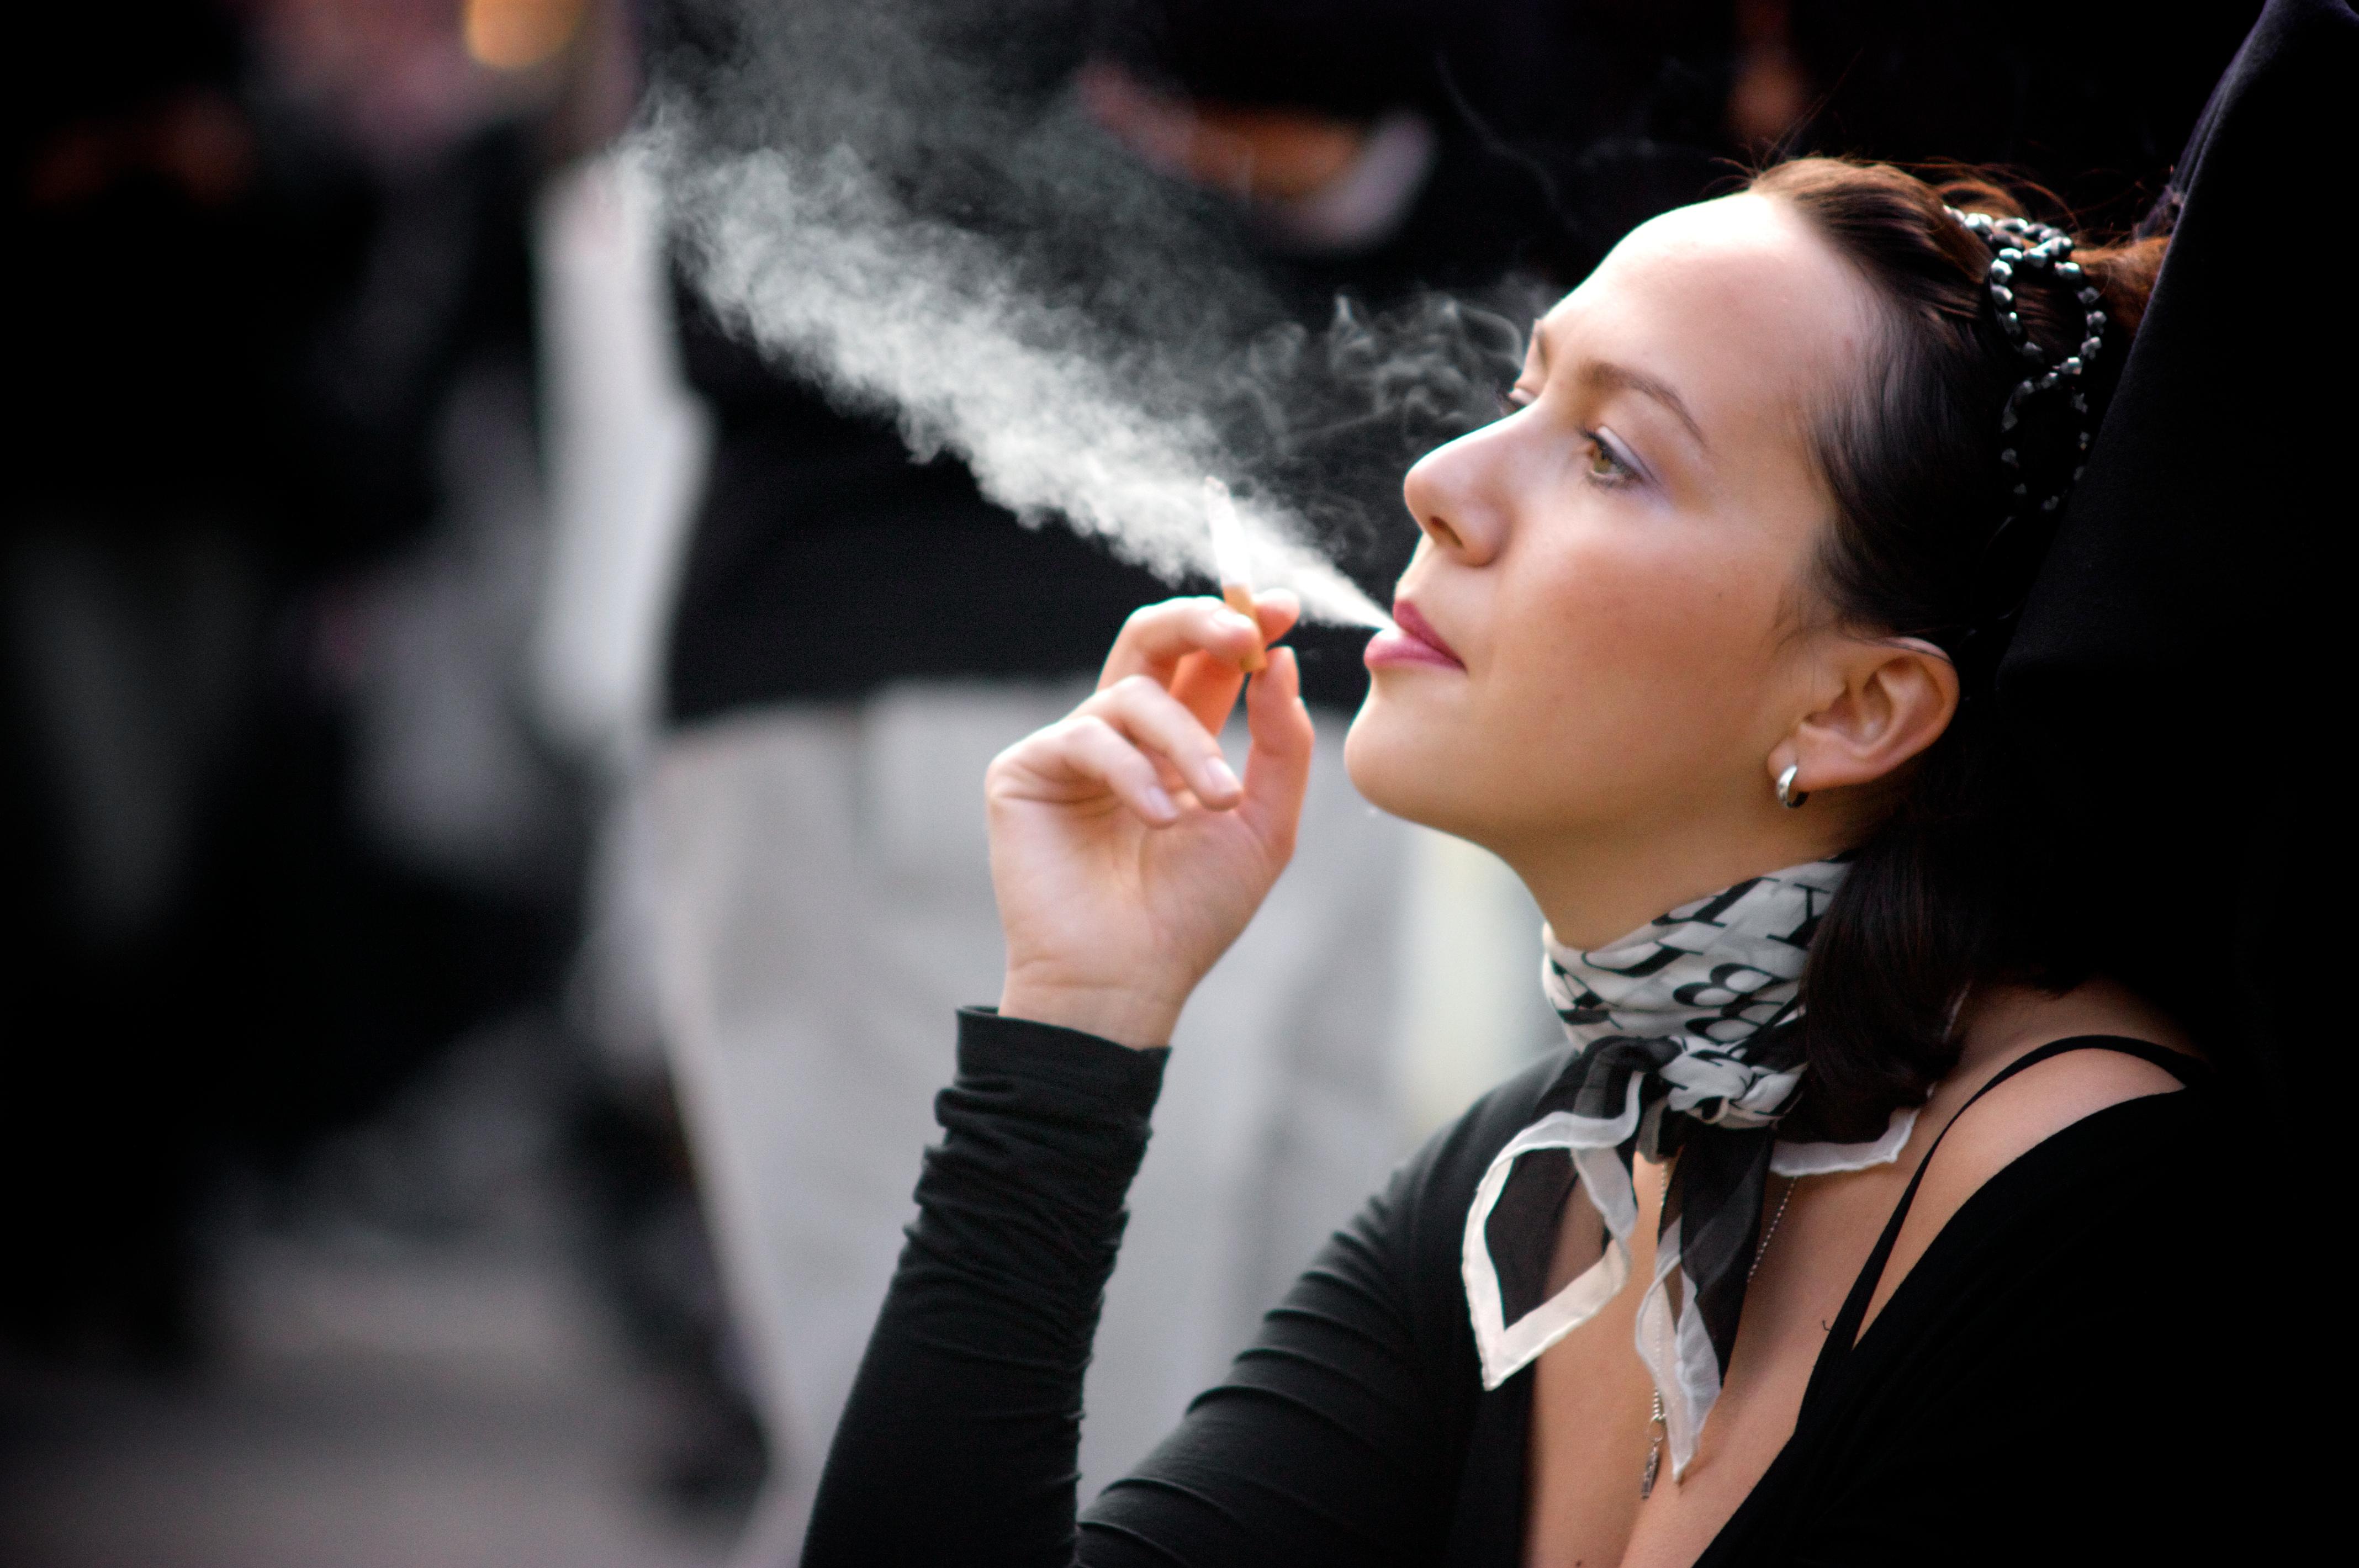 Курящие девушки фото картинки